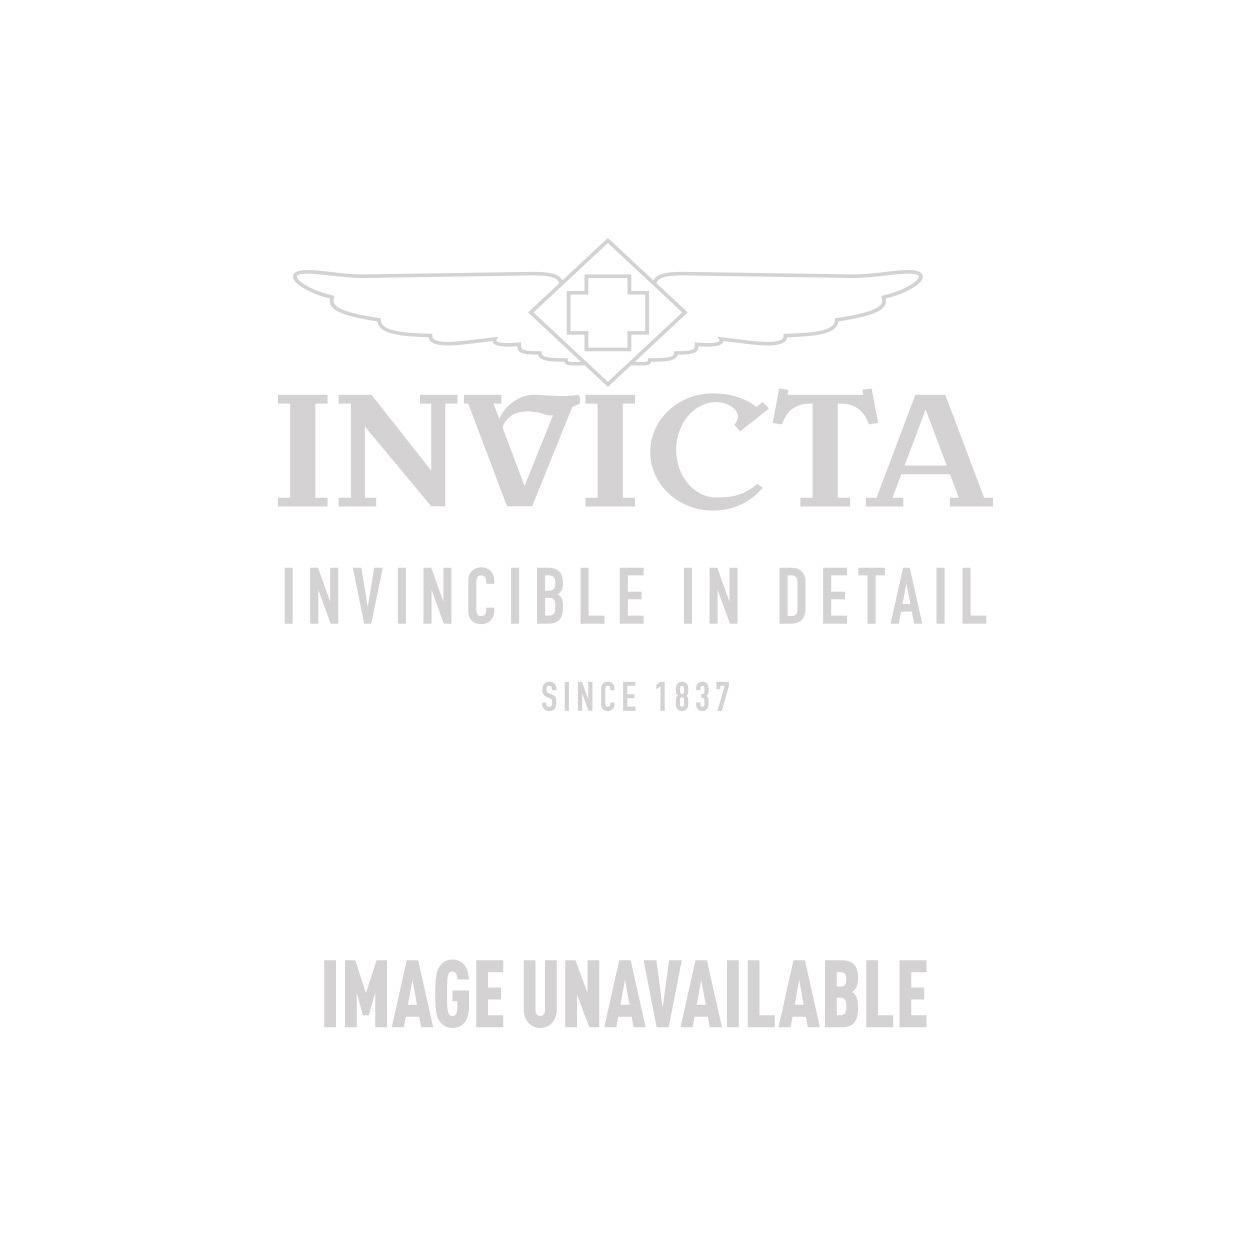 Invicta Model 24757